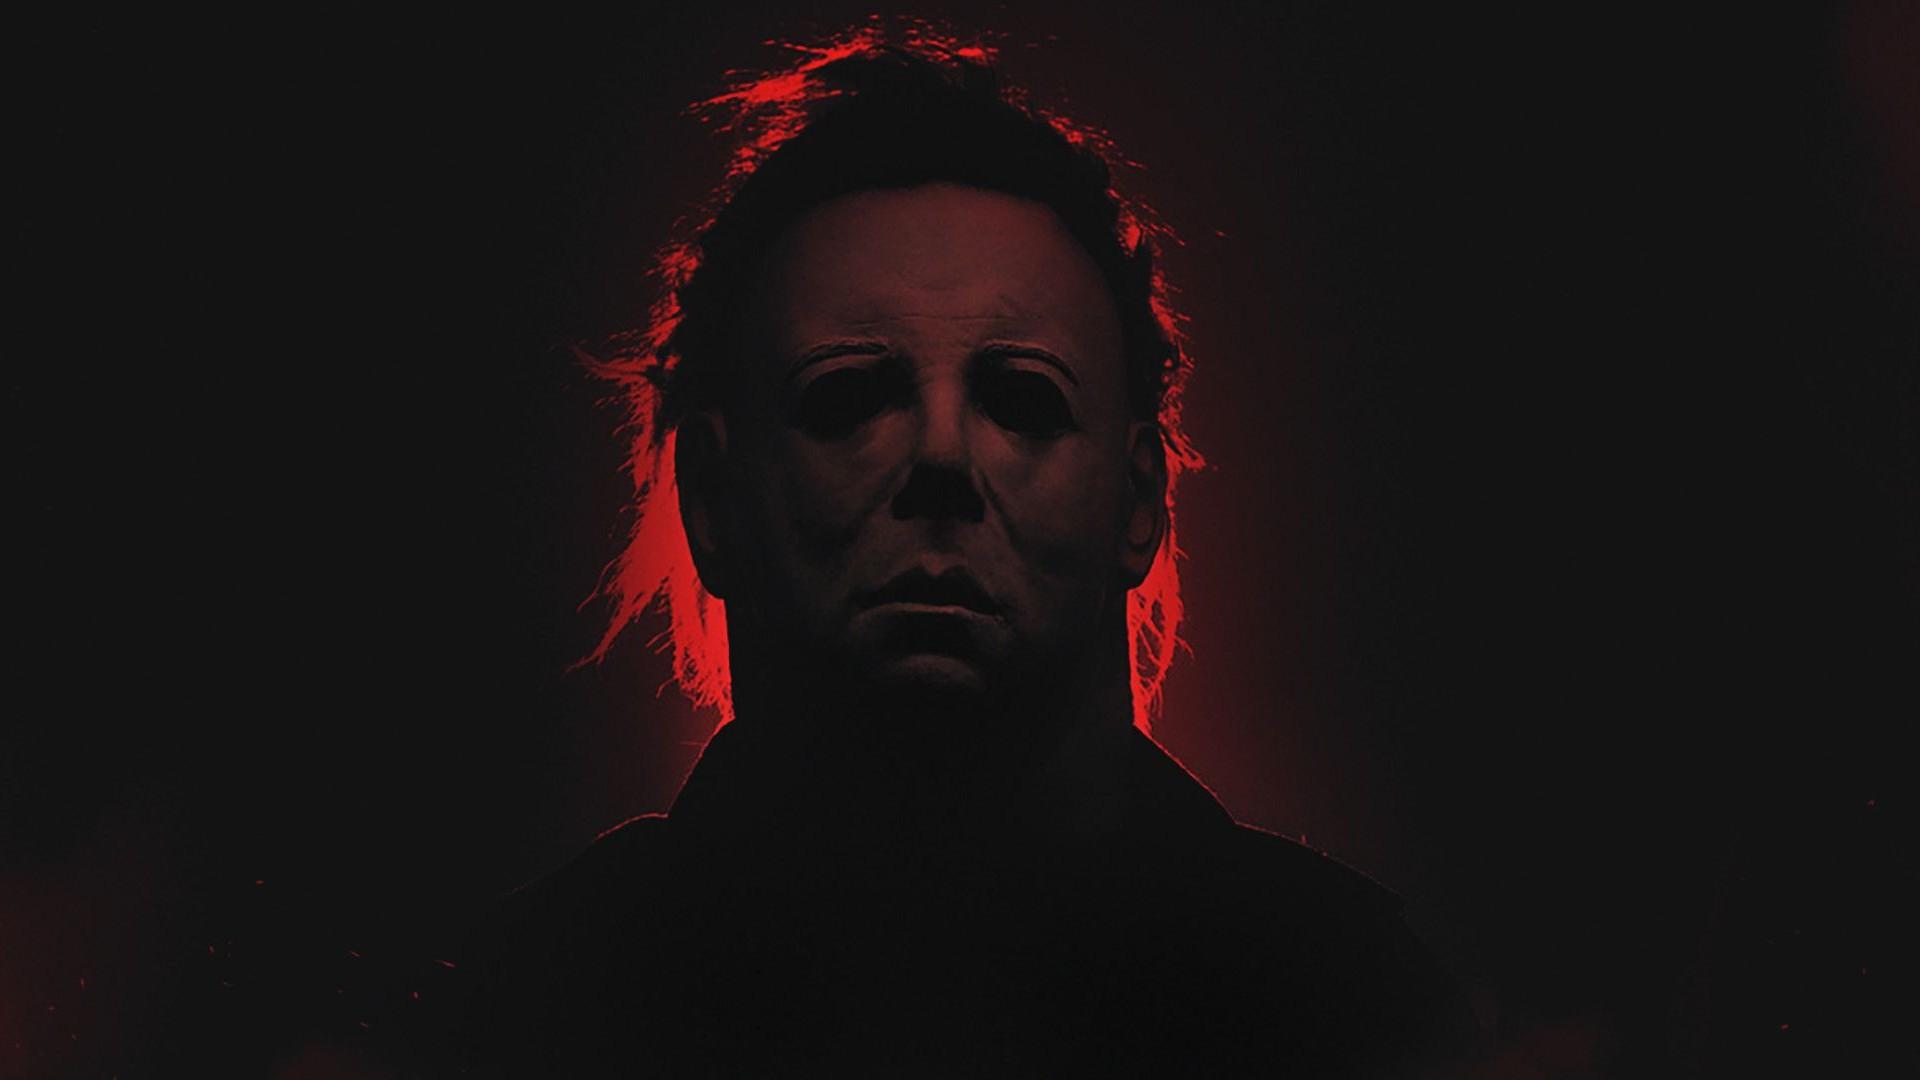 Darkness Halloween Hd Wallpaper Iphone 7 Plus Iphone 8